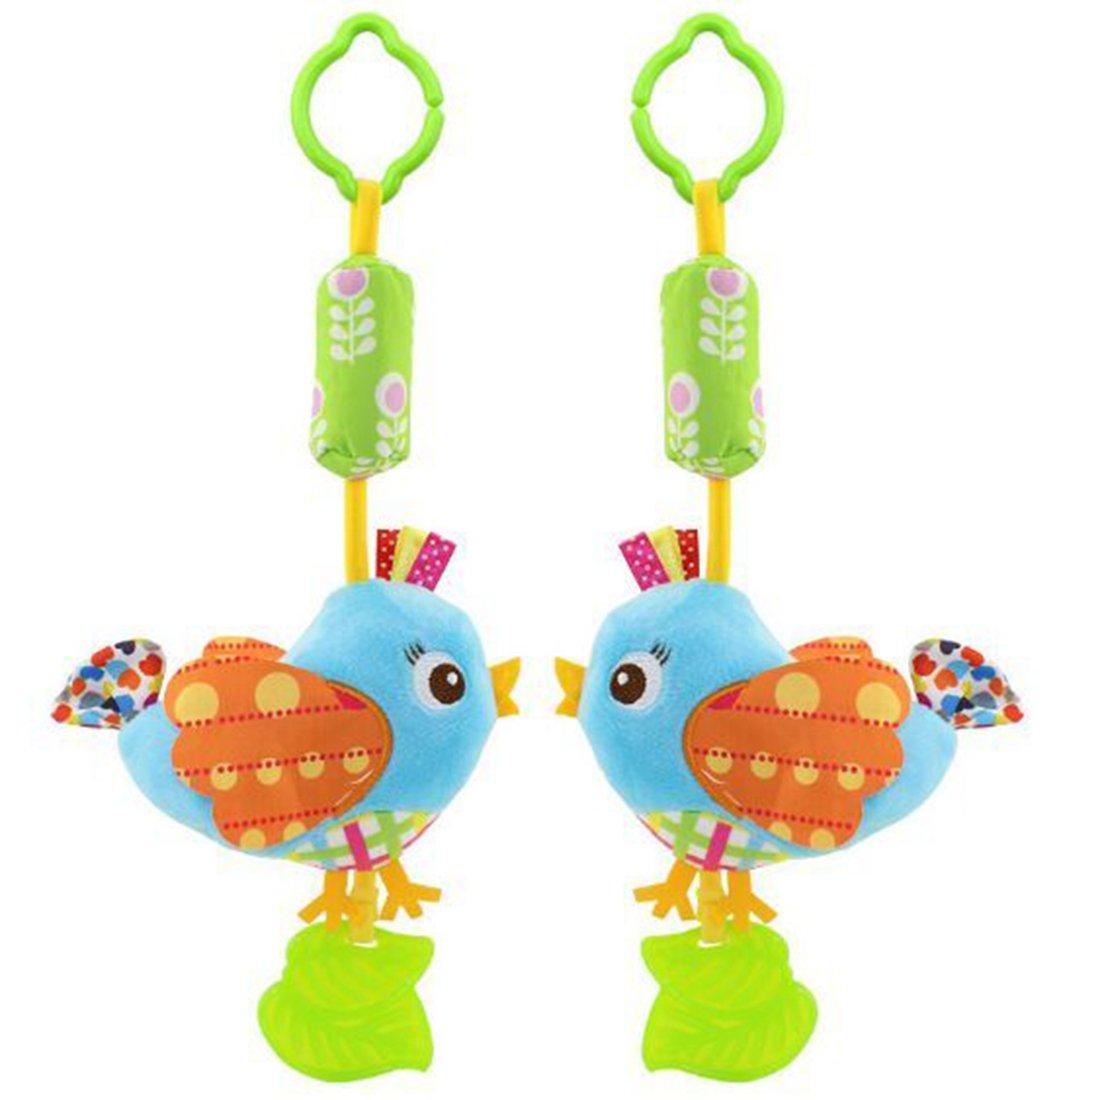 HENGSONG Baby Spielzeug Kinderwagenkette Hängende Stoff Spielzeug für Bettchen, Kindersitz und Kinderwagen (Eule) mei_mei9 ME4075